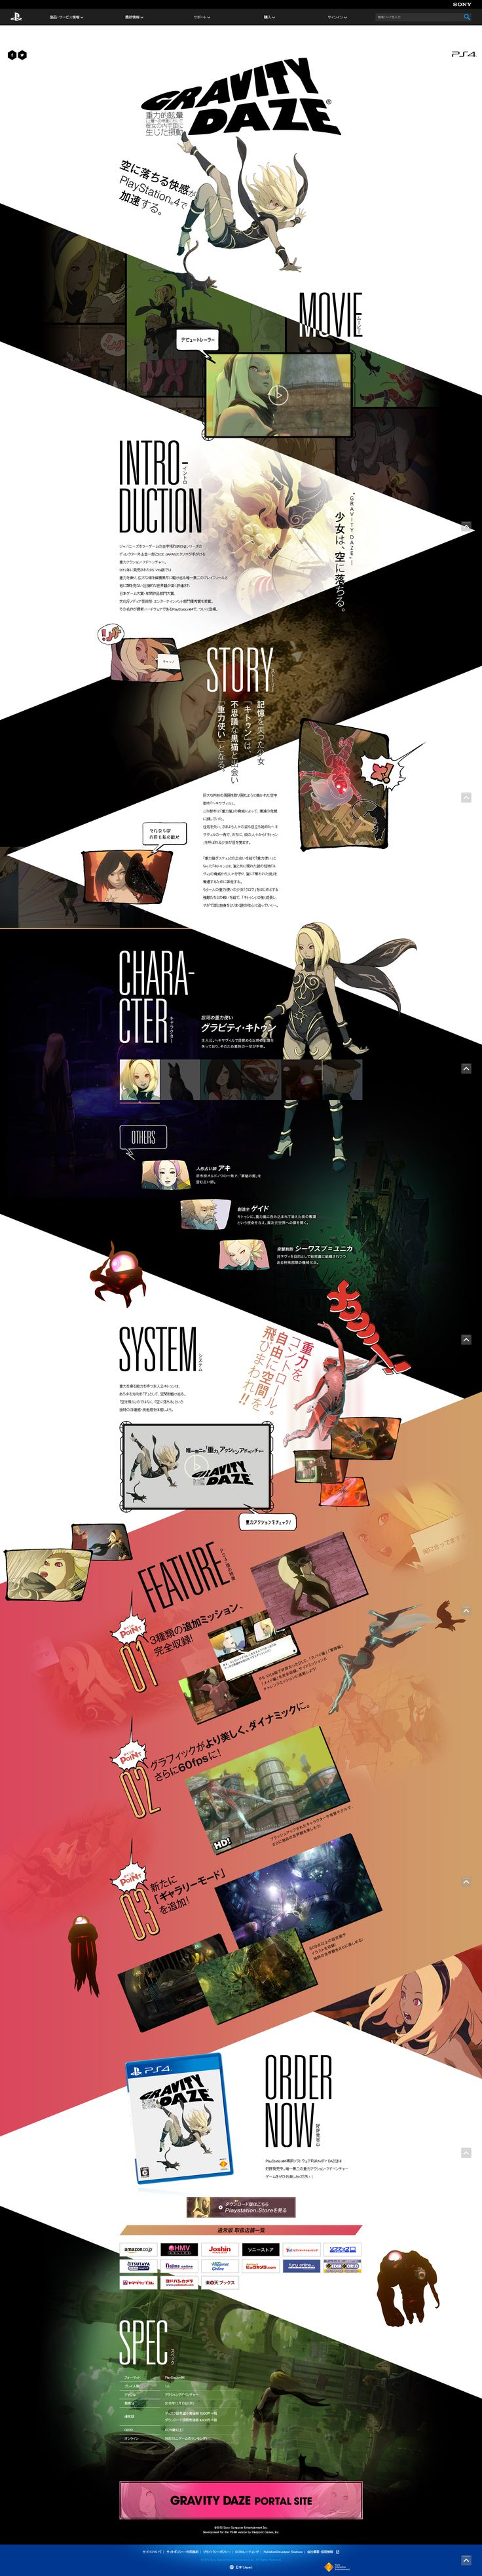 일본 PS 사이트 사선디자인 카툰,그래픽